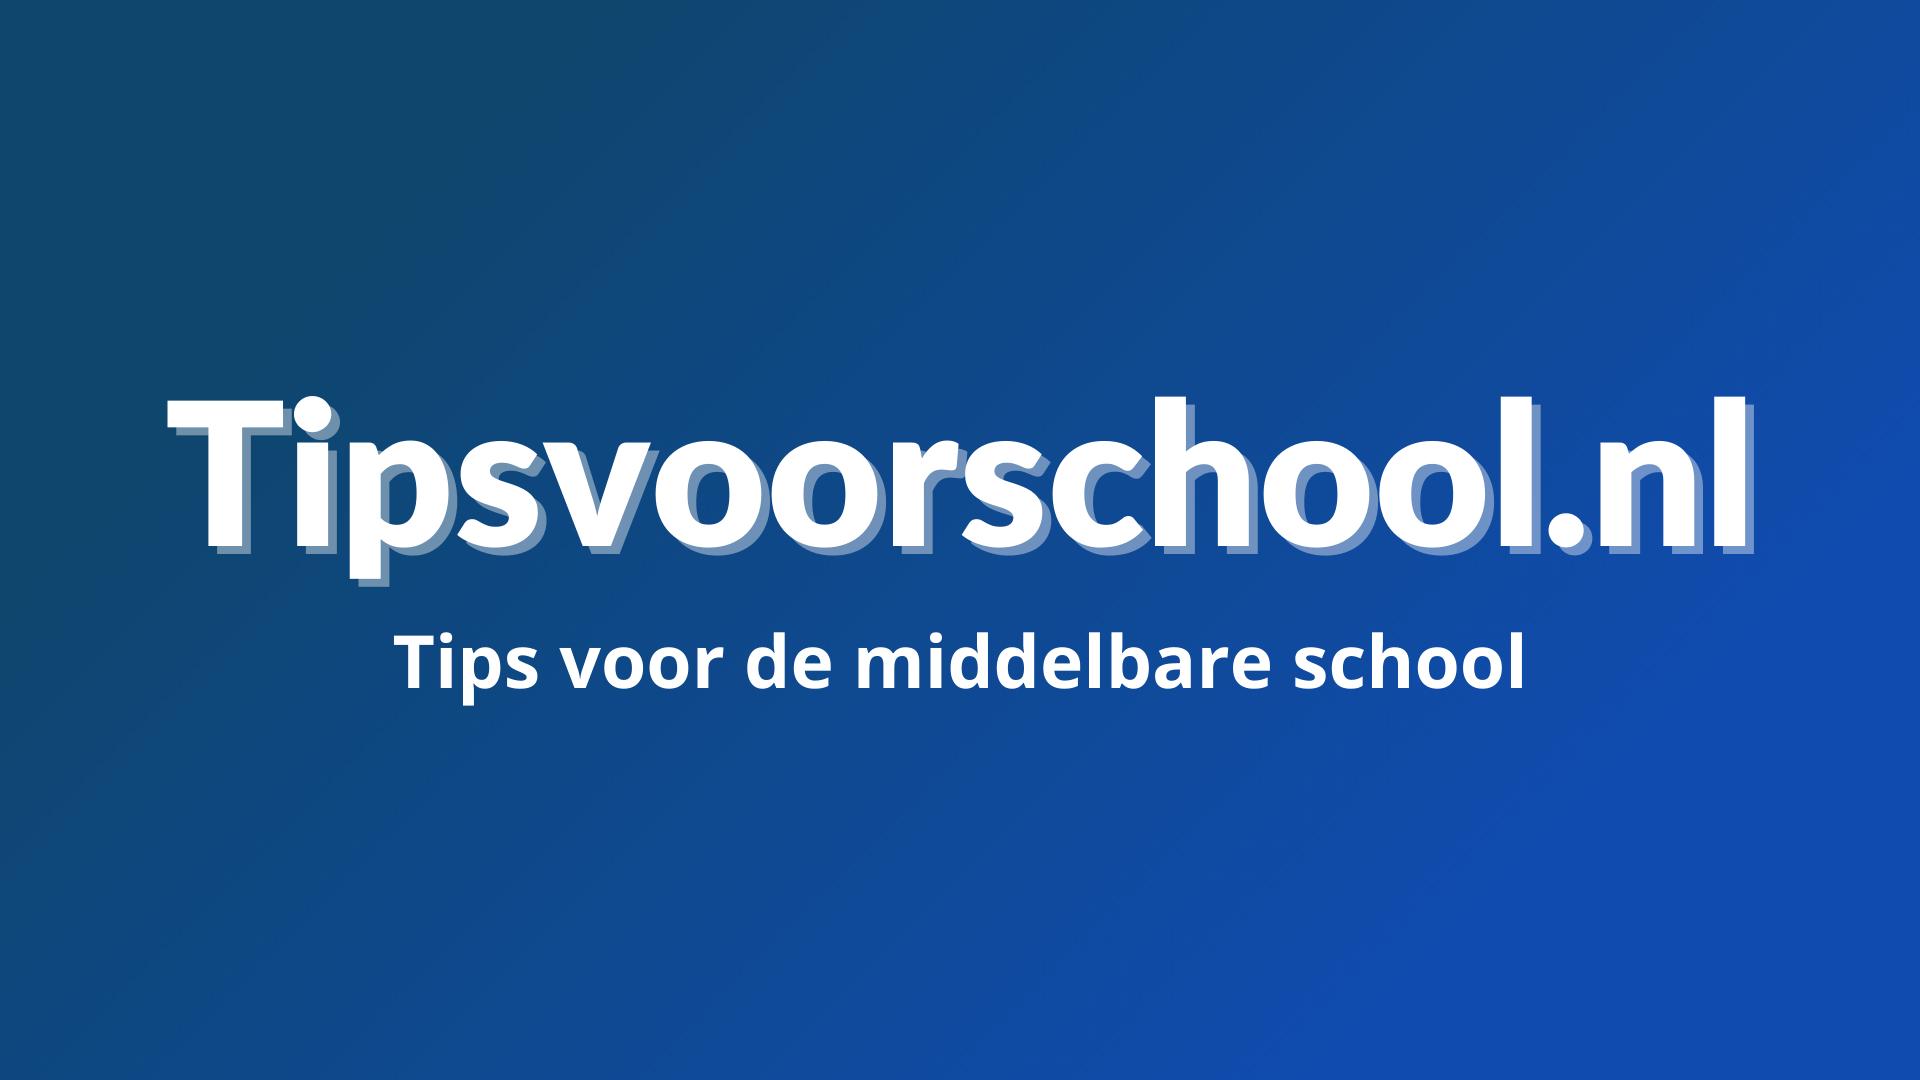 Tipsvoorschool.nl brand image